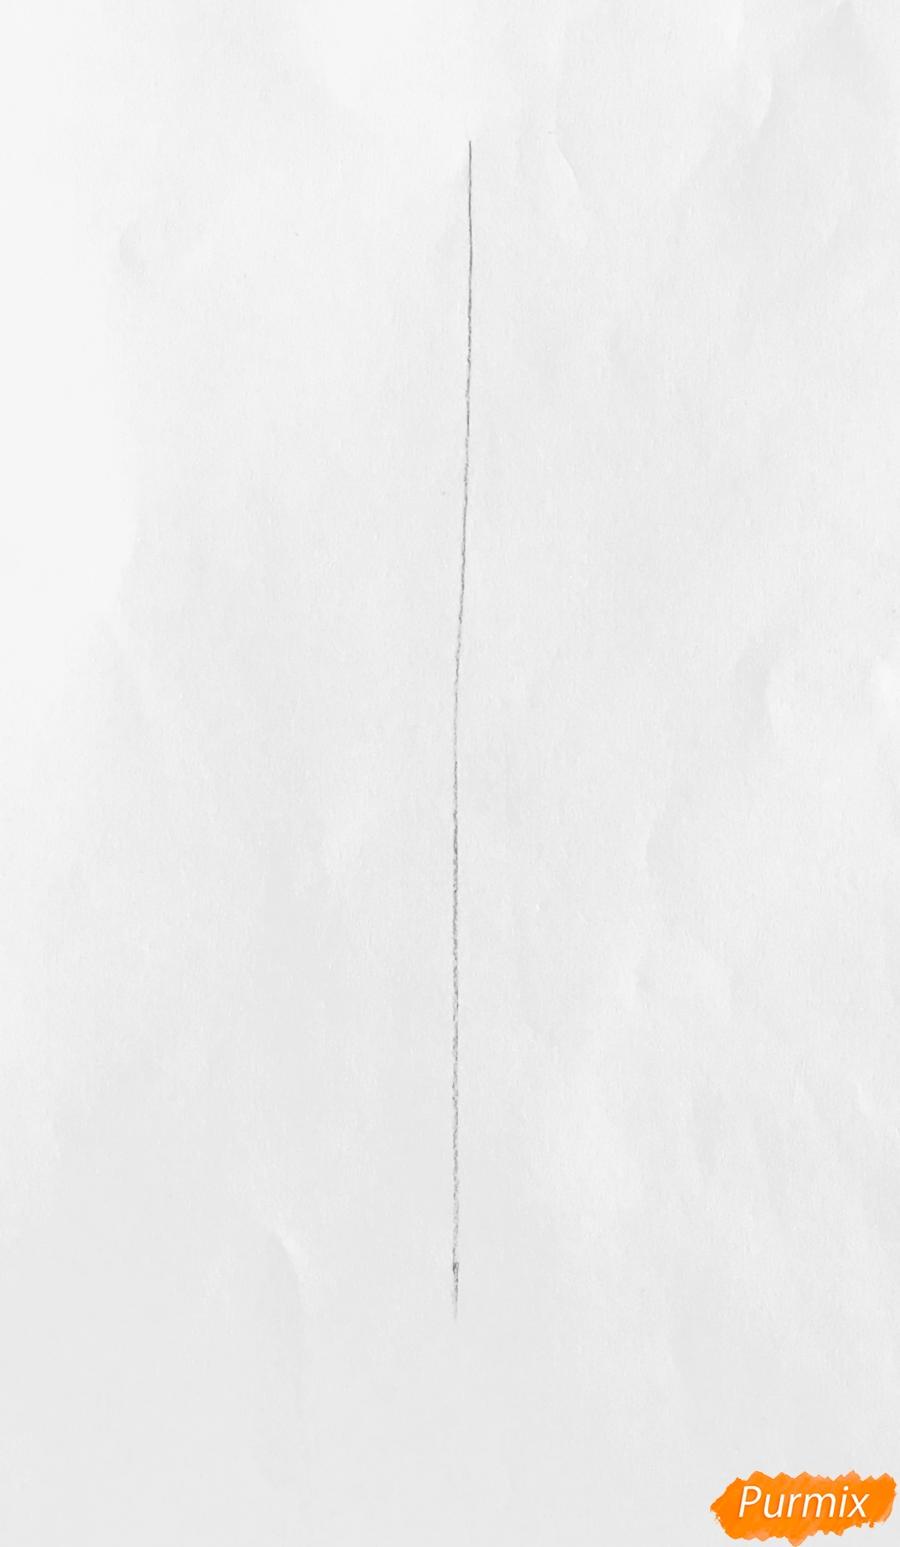 Рисуем новогоднюю ёлку с колокольчиками - фото 1